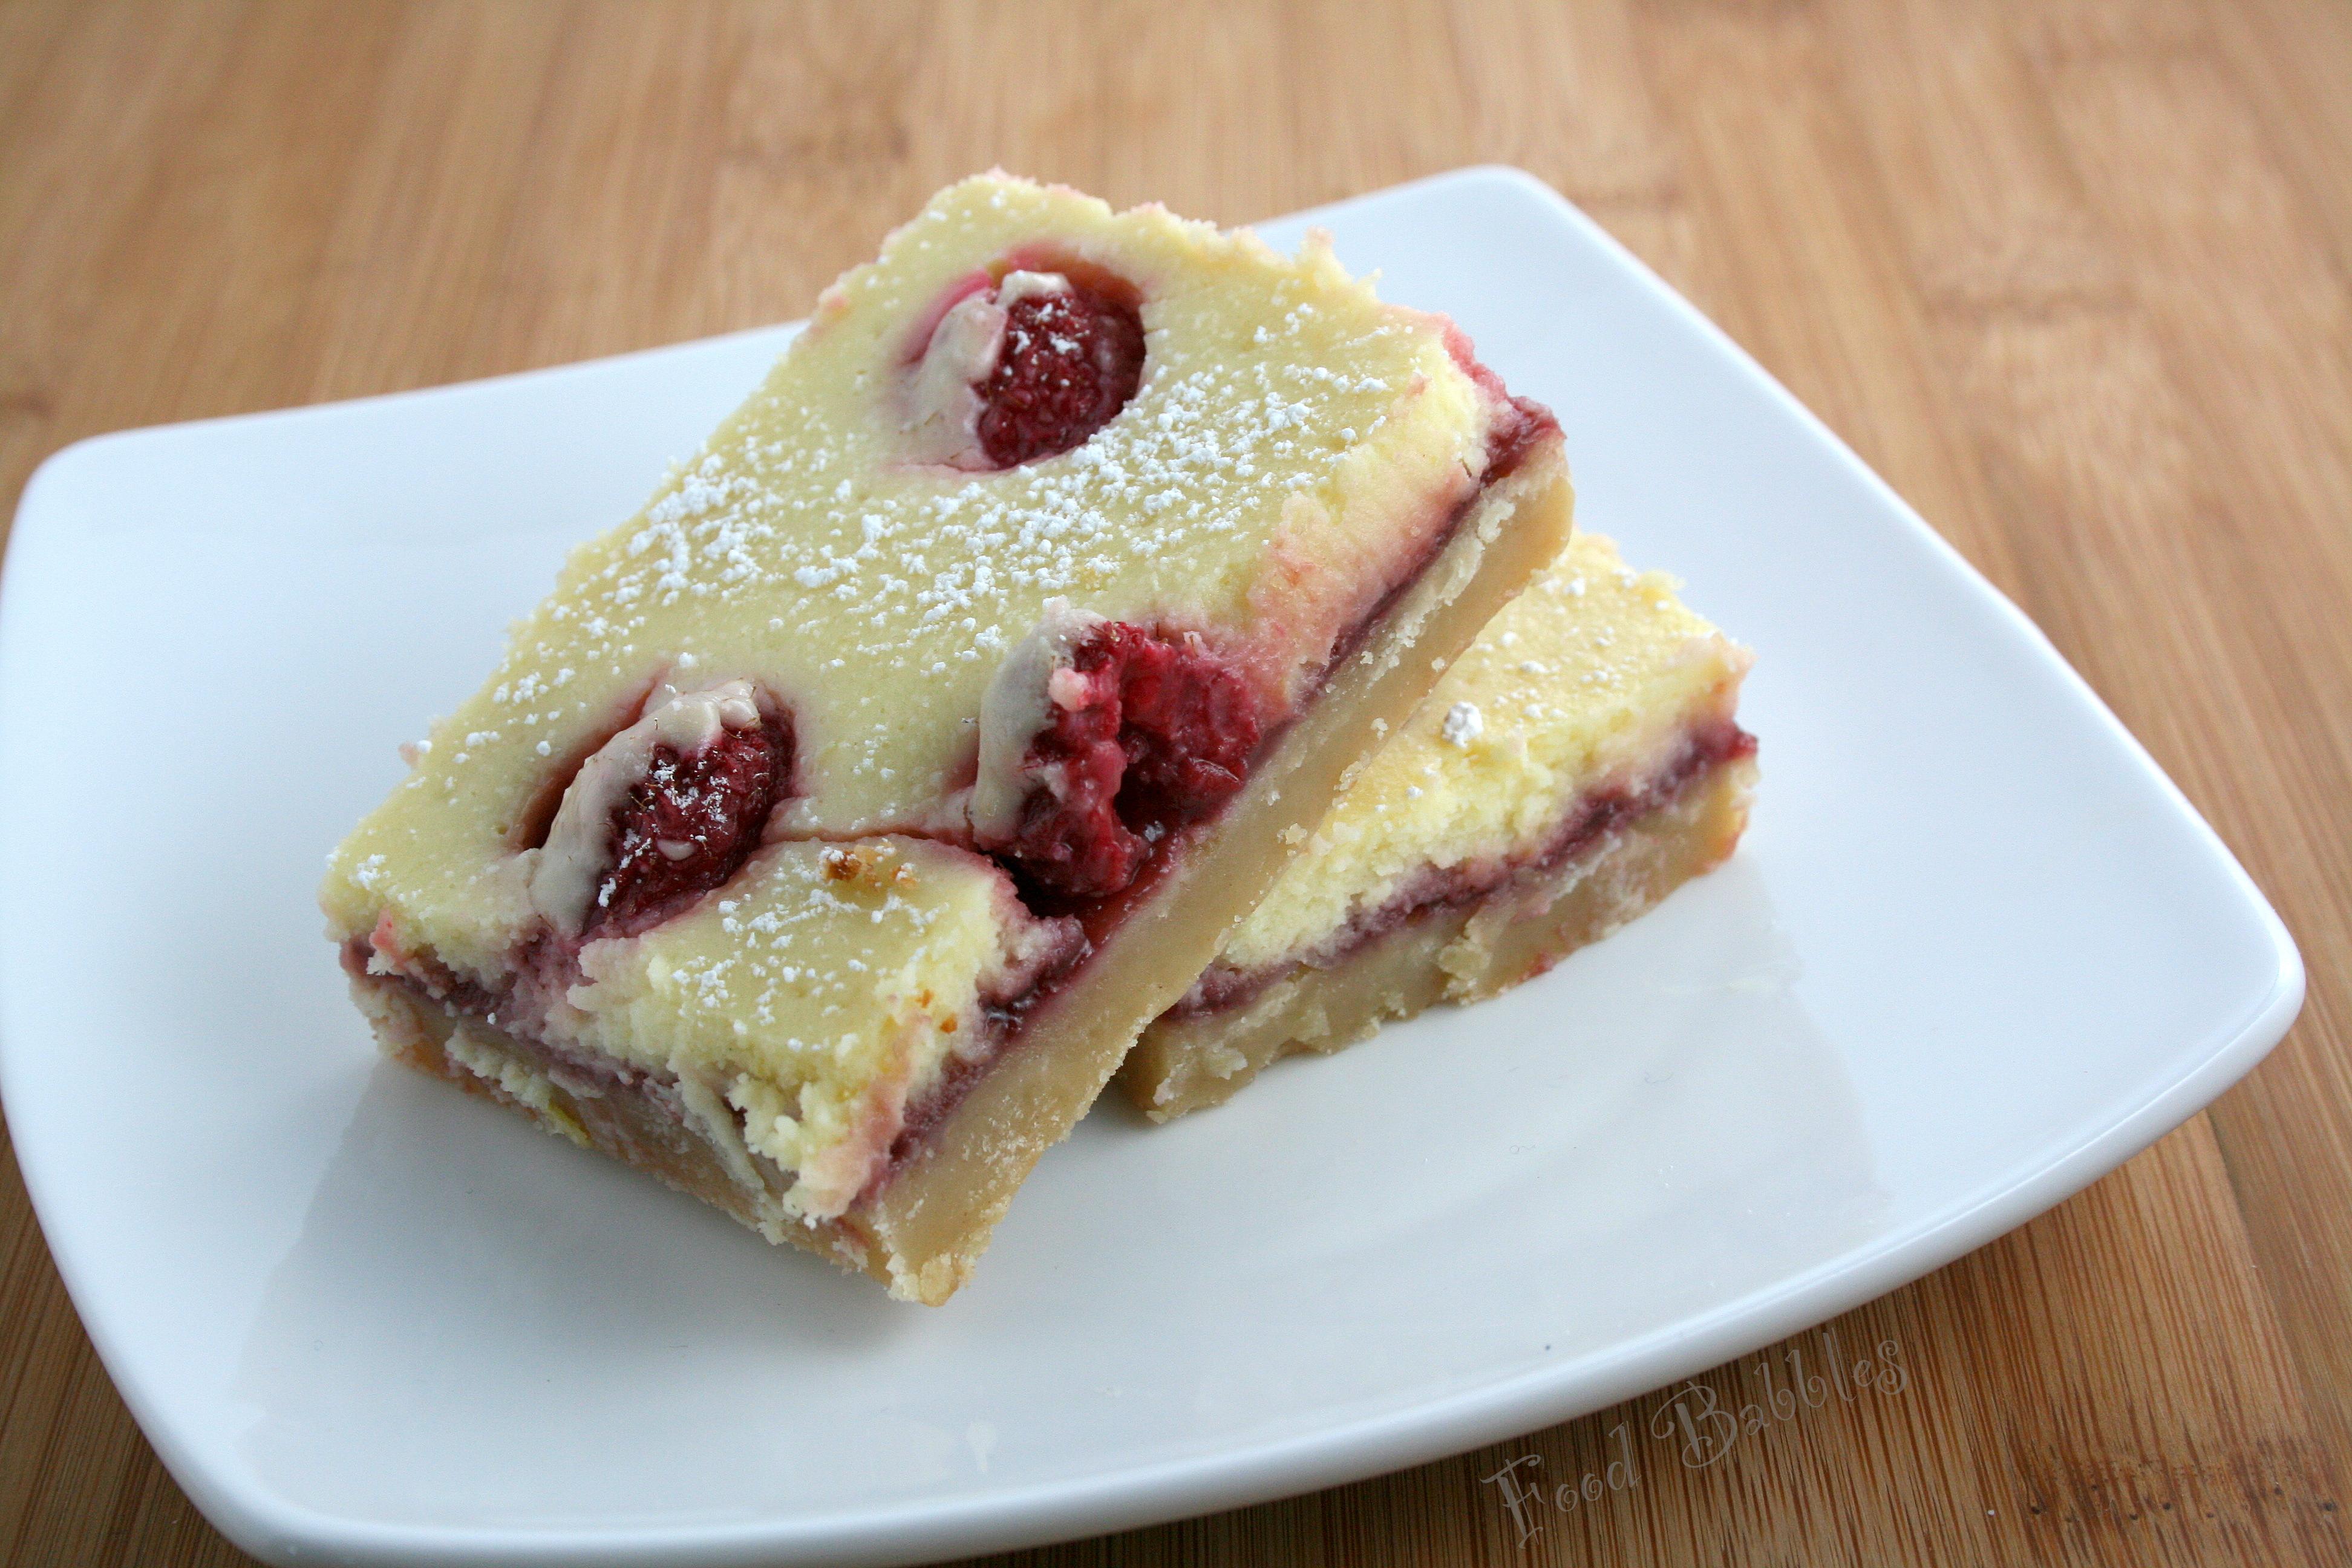 My Favorite Bar Recipes missinformationblog.com #Bars #Recipes #cookies